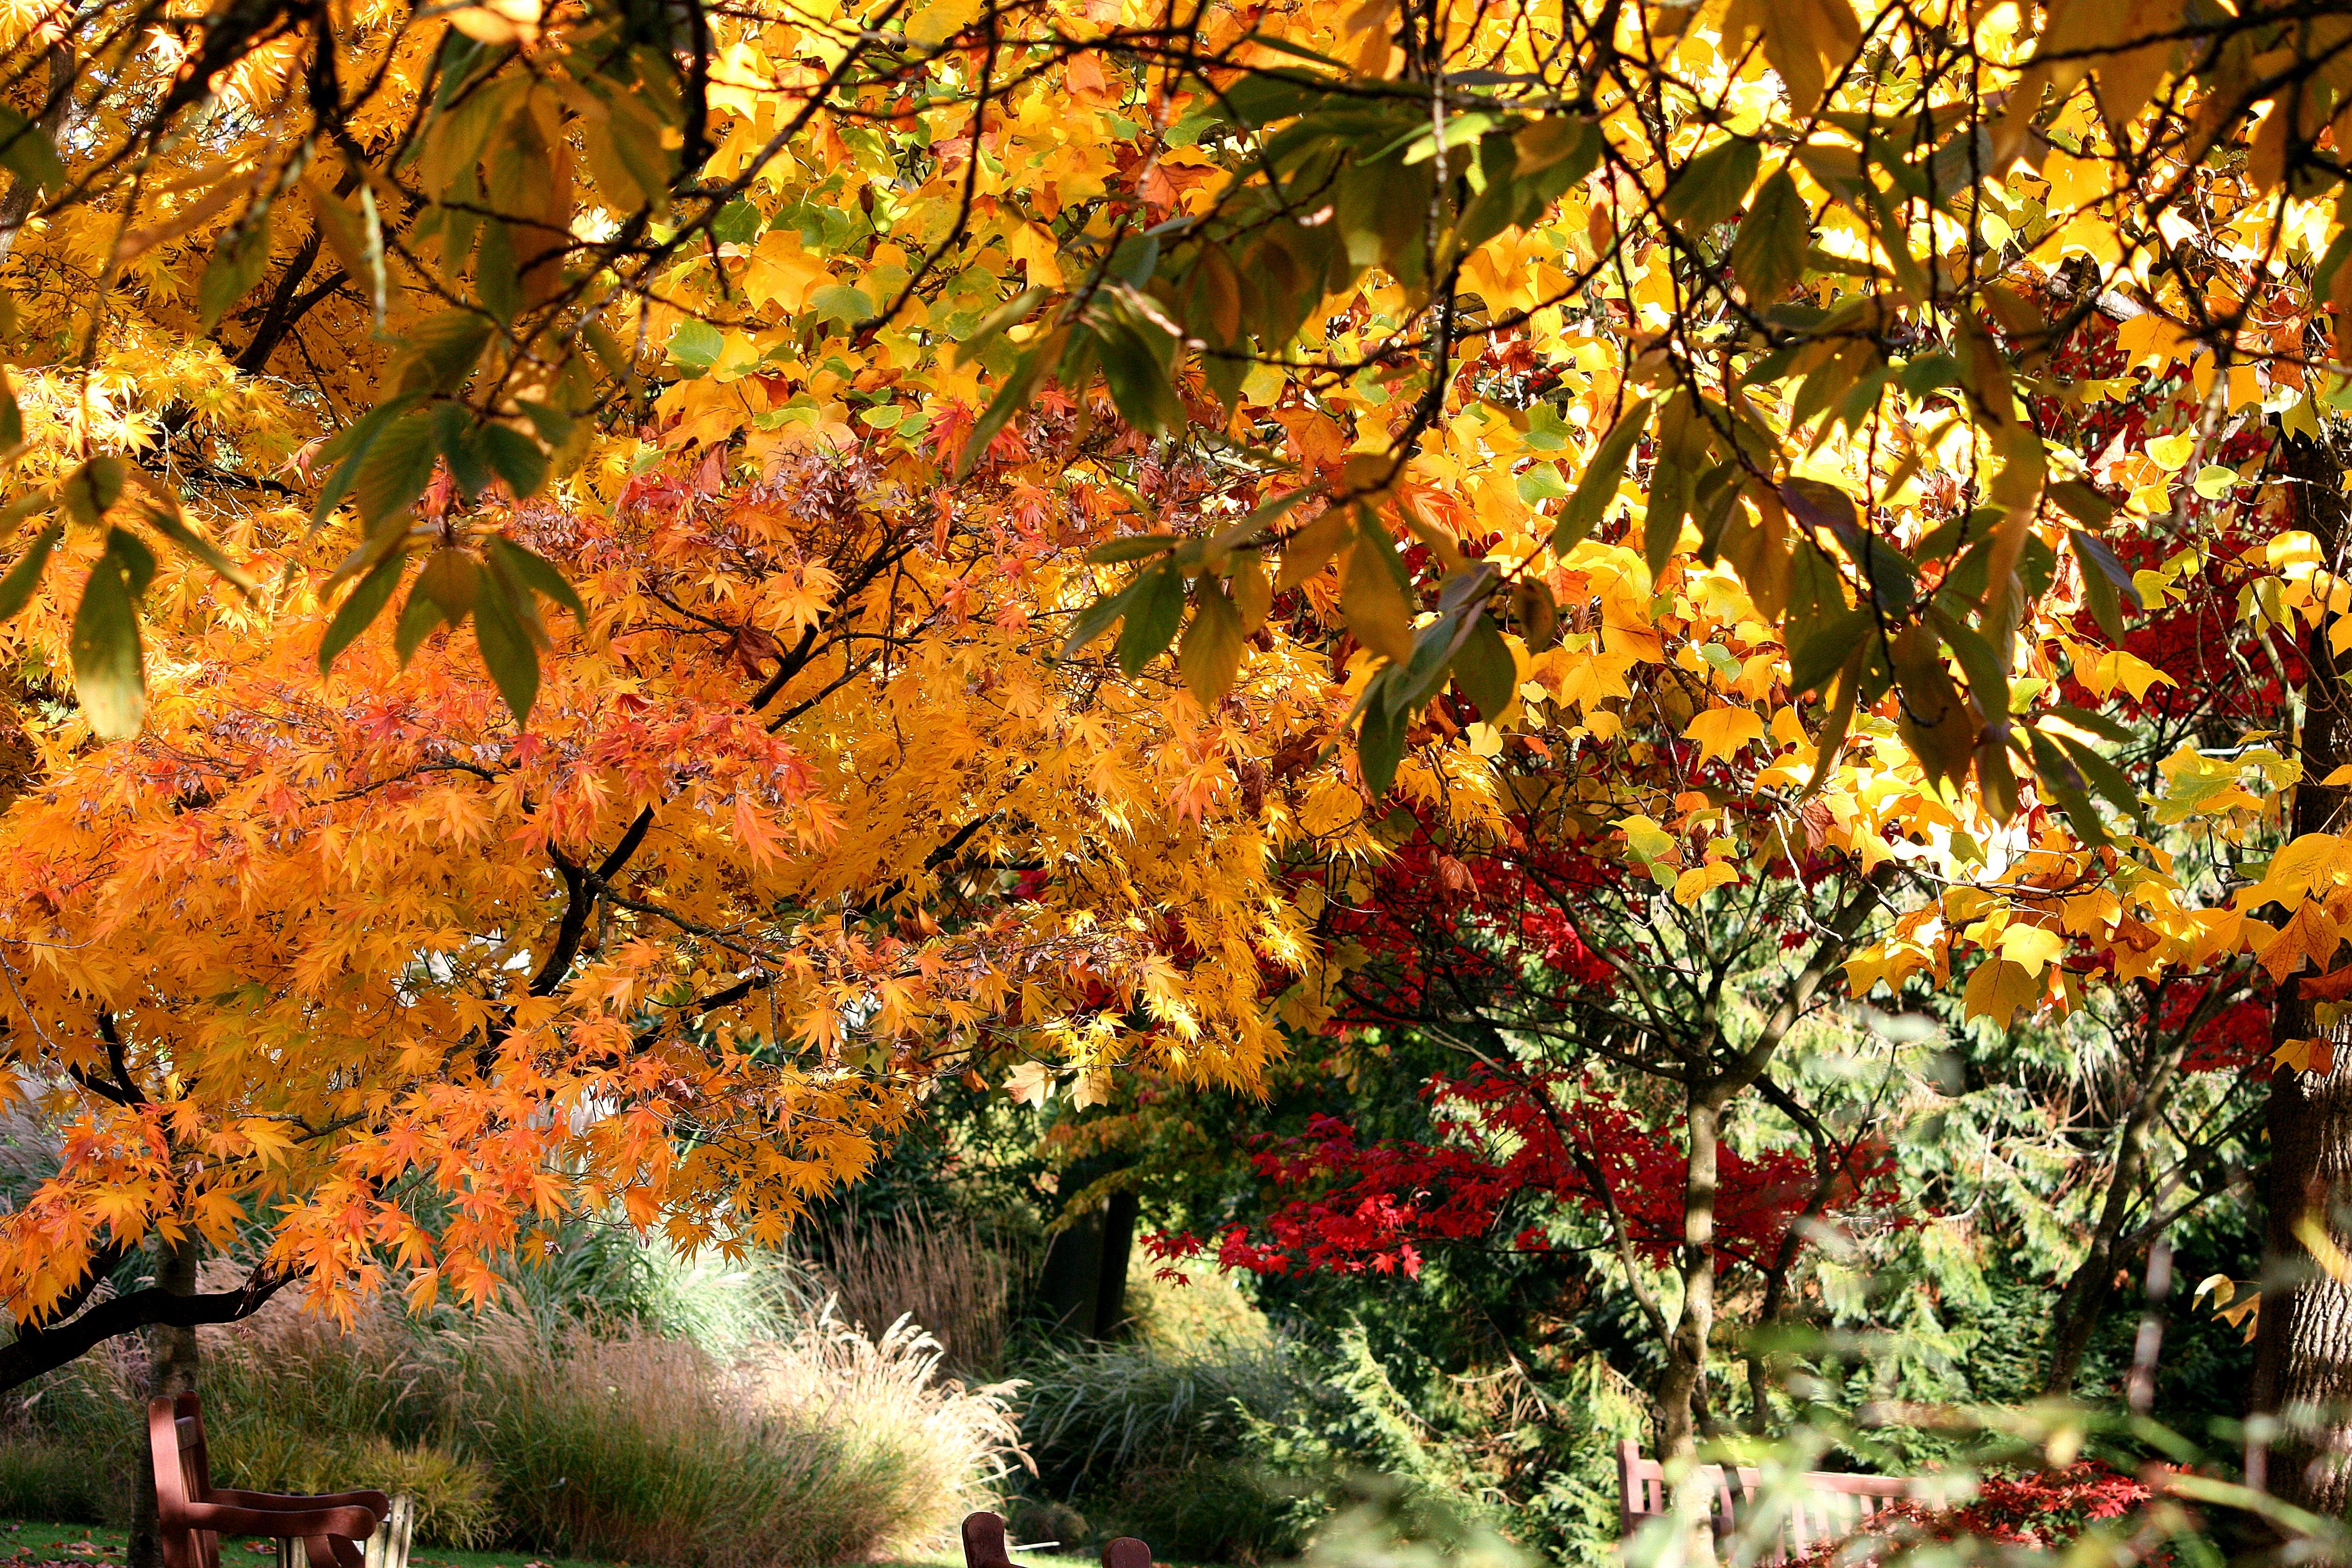 147924 скачать обои Листья, Осень, Природа, Деревья - заставки и картинки бесплатно